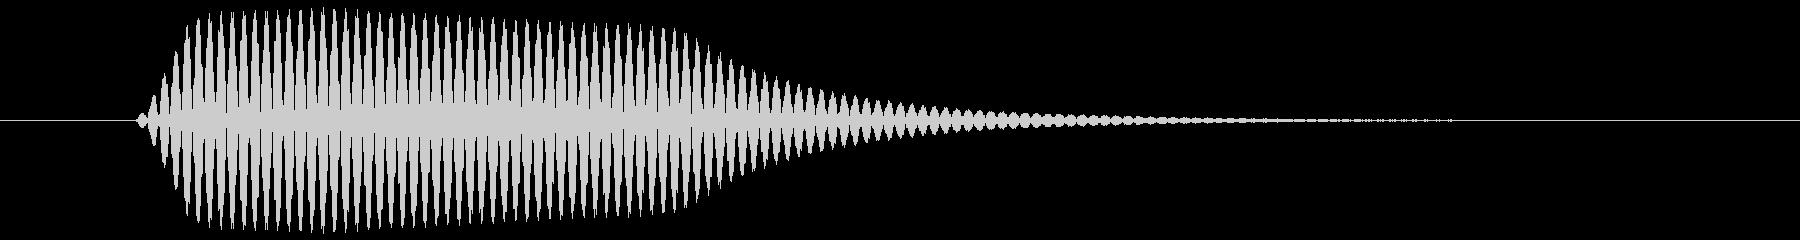 短いボタン音です。の未再生の波形